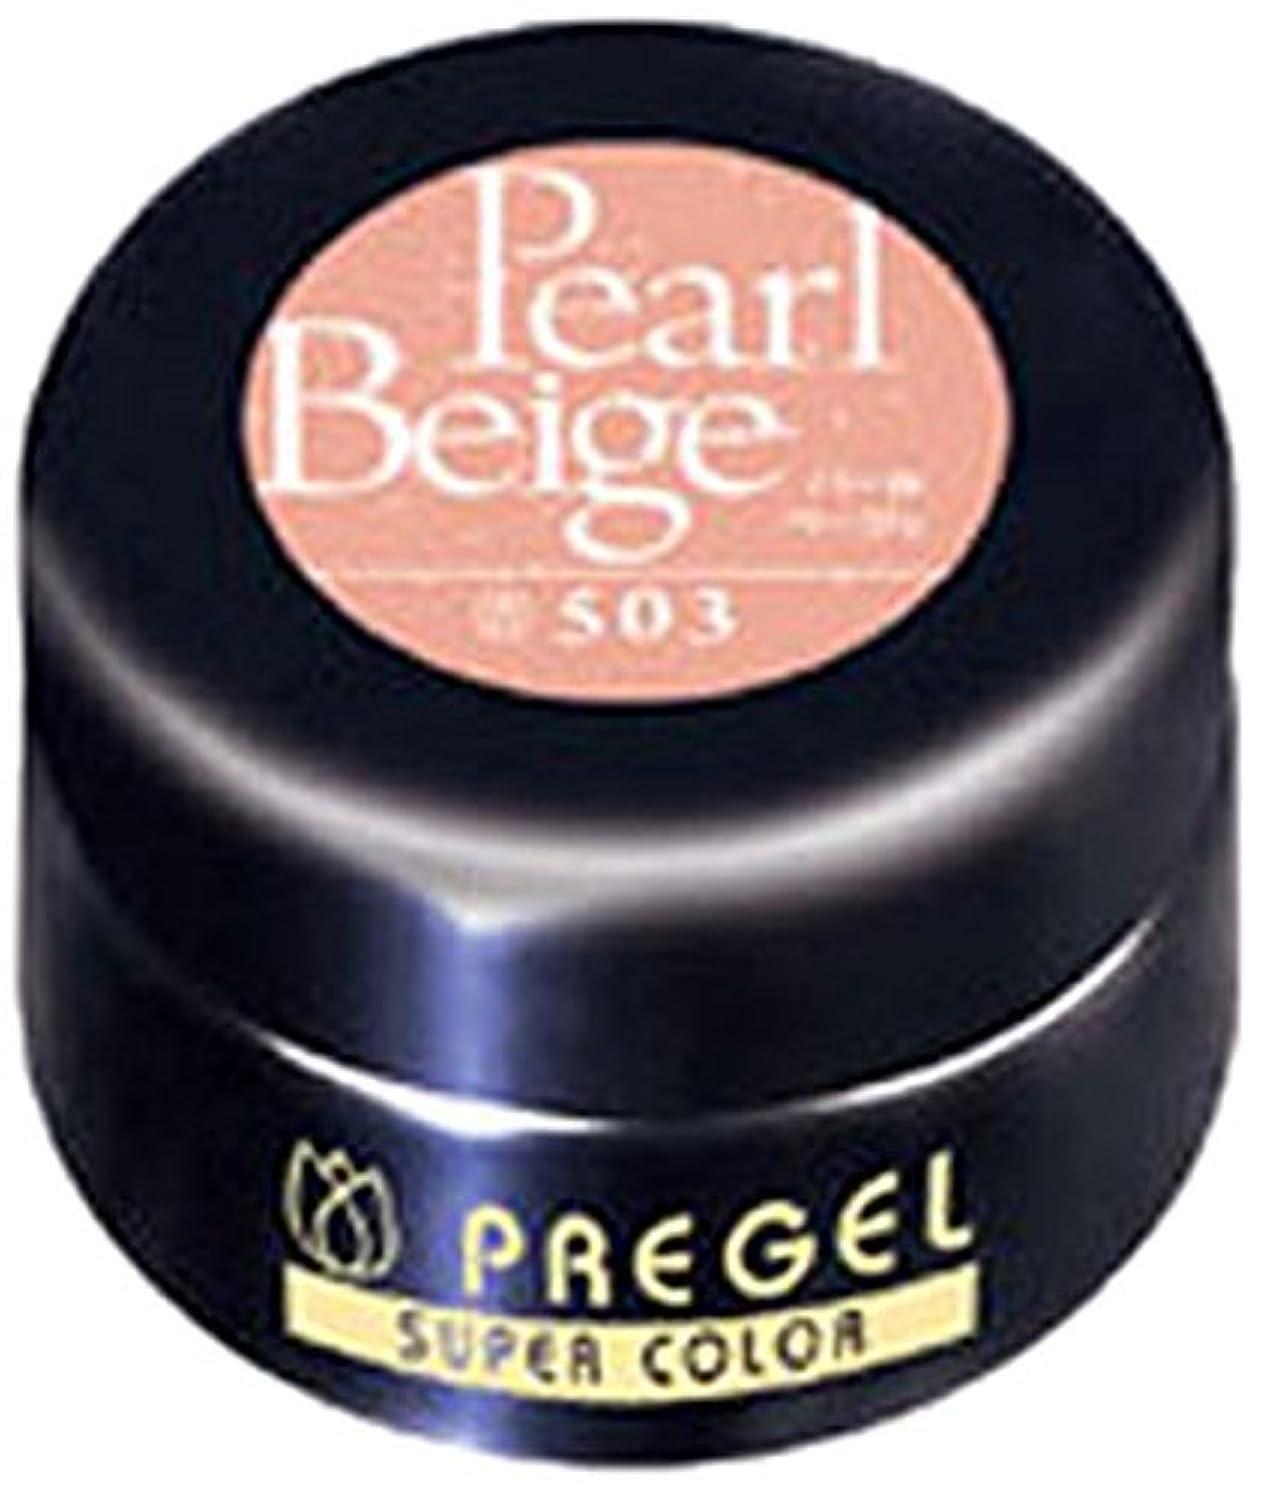 まさにドル海上プリジェル ジェルネイル スーパーカラーEX パールベージュ 4g PG-SE503 カラージェル UV/LED対応